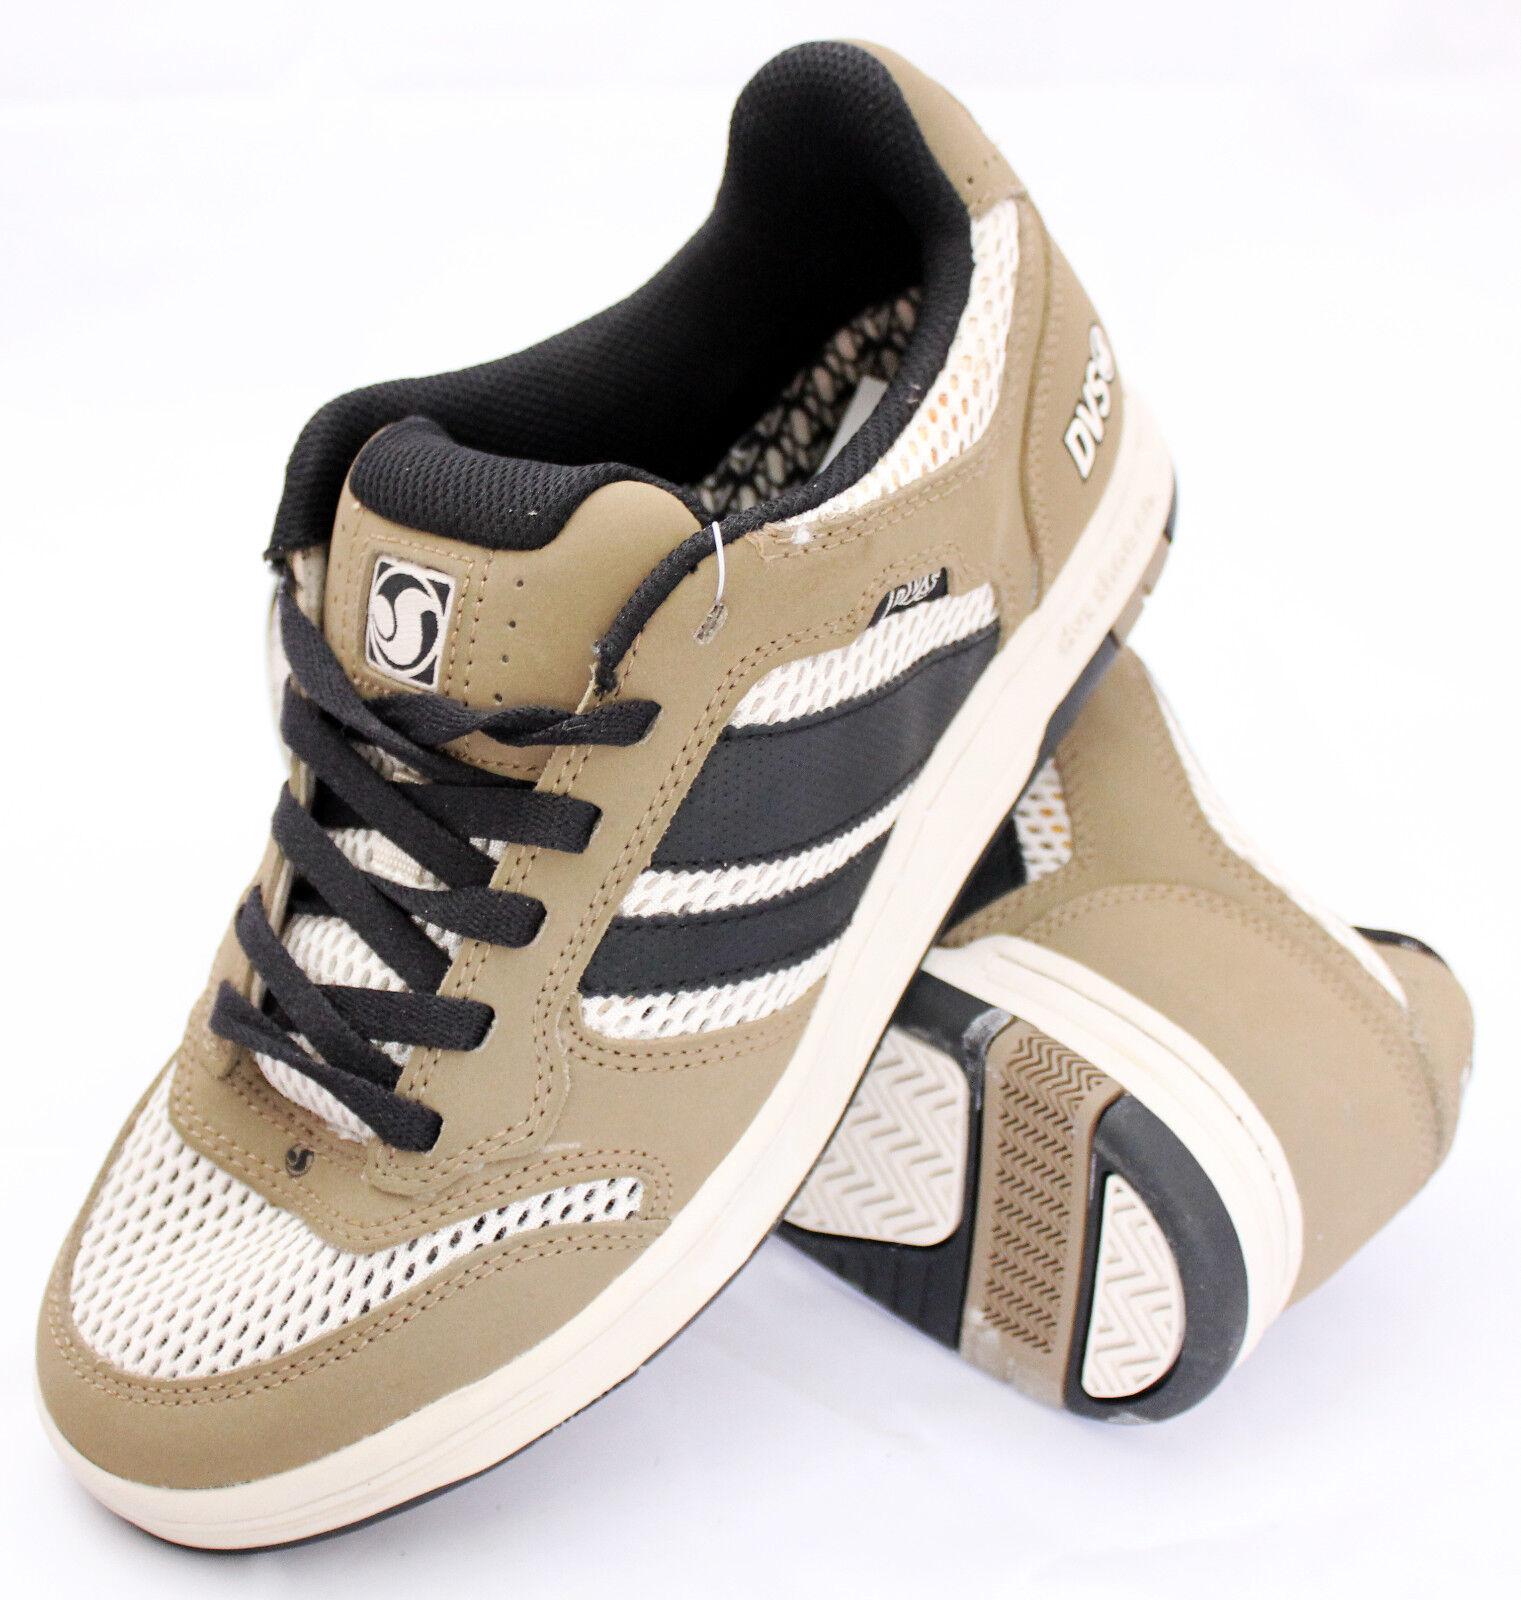 DVS triumph mns brown mesh scarpe da skateboard _ sneakers shoes cod. xtc0701 _ skateboard 9dc902